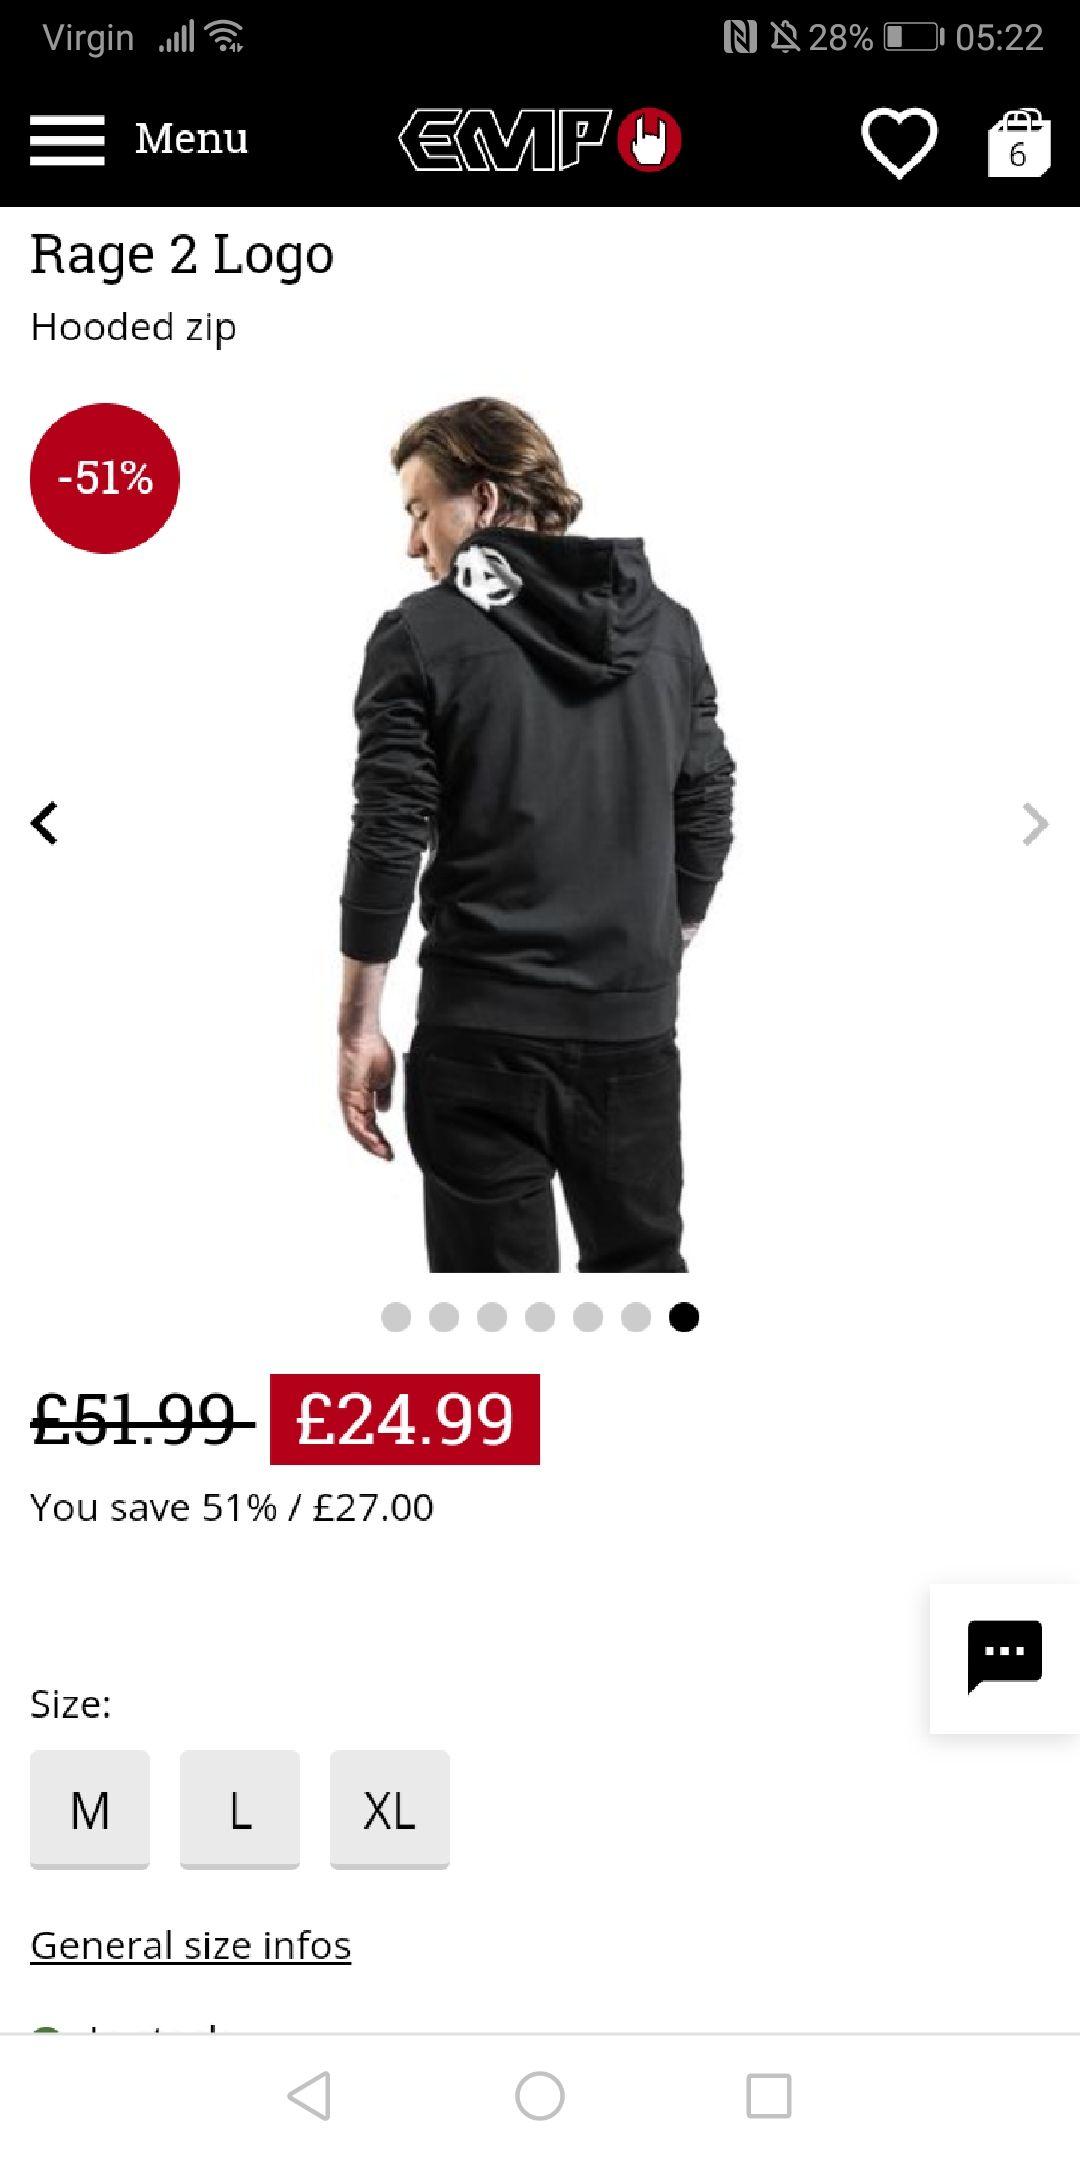 Rage 2 Logo Hooded zip £24.99 EMP Minimum order of £35.00